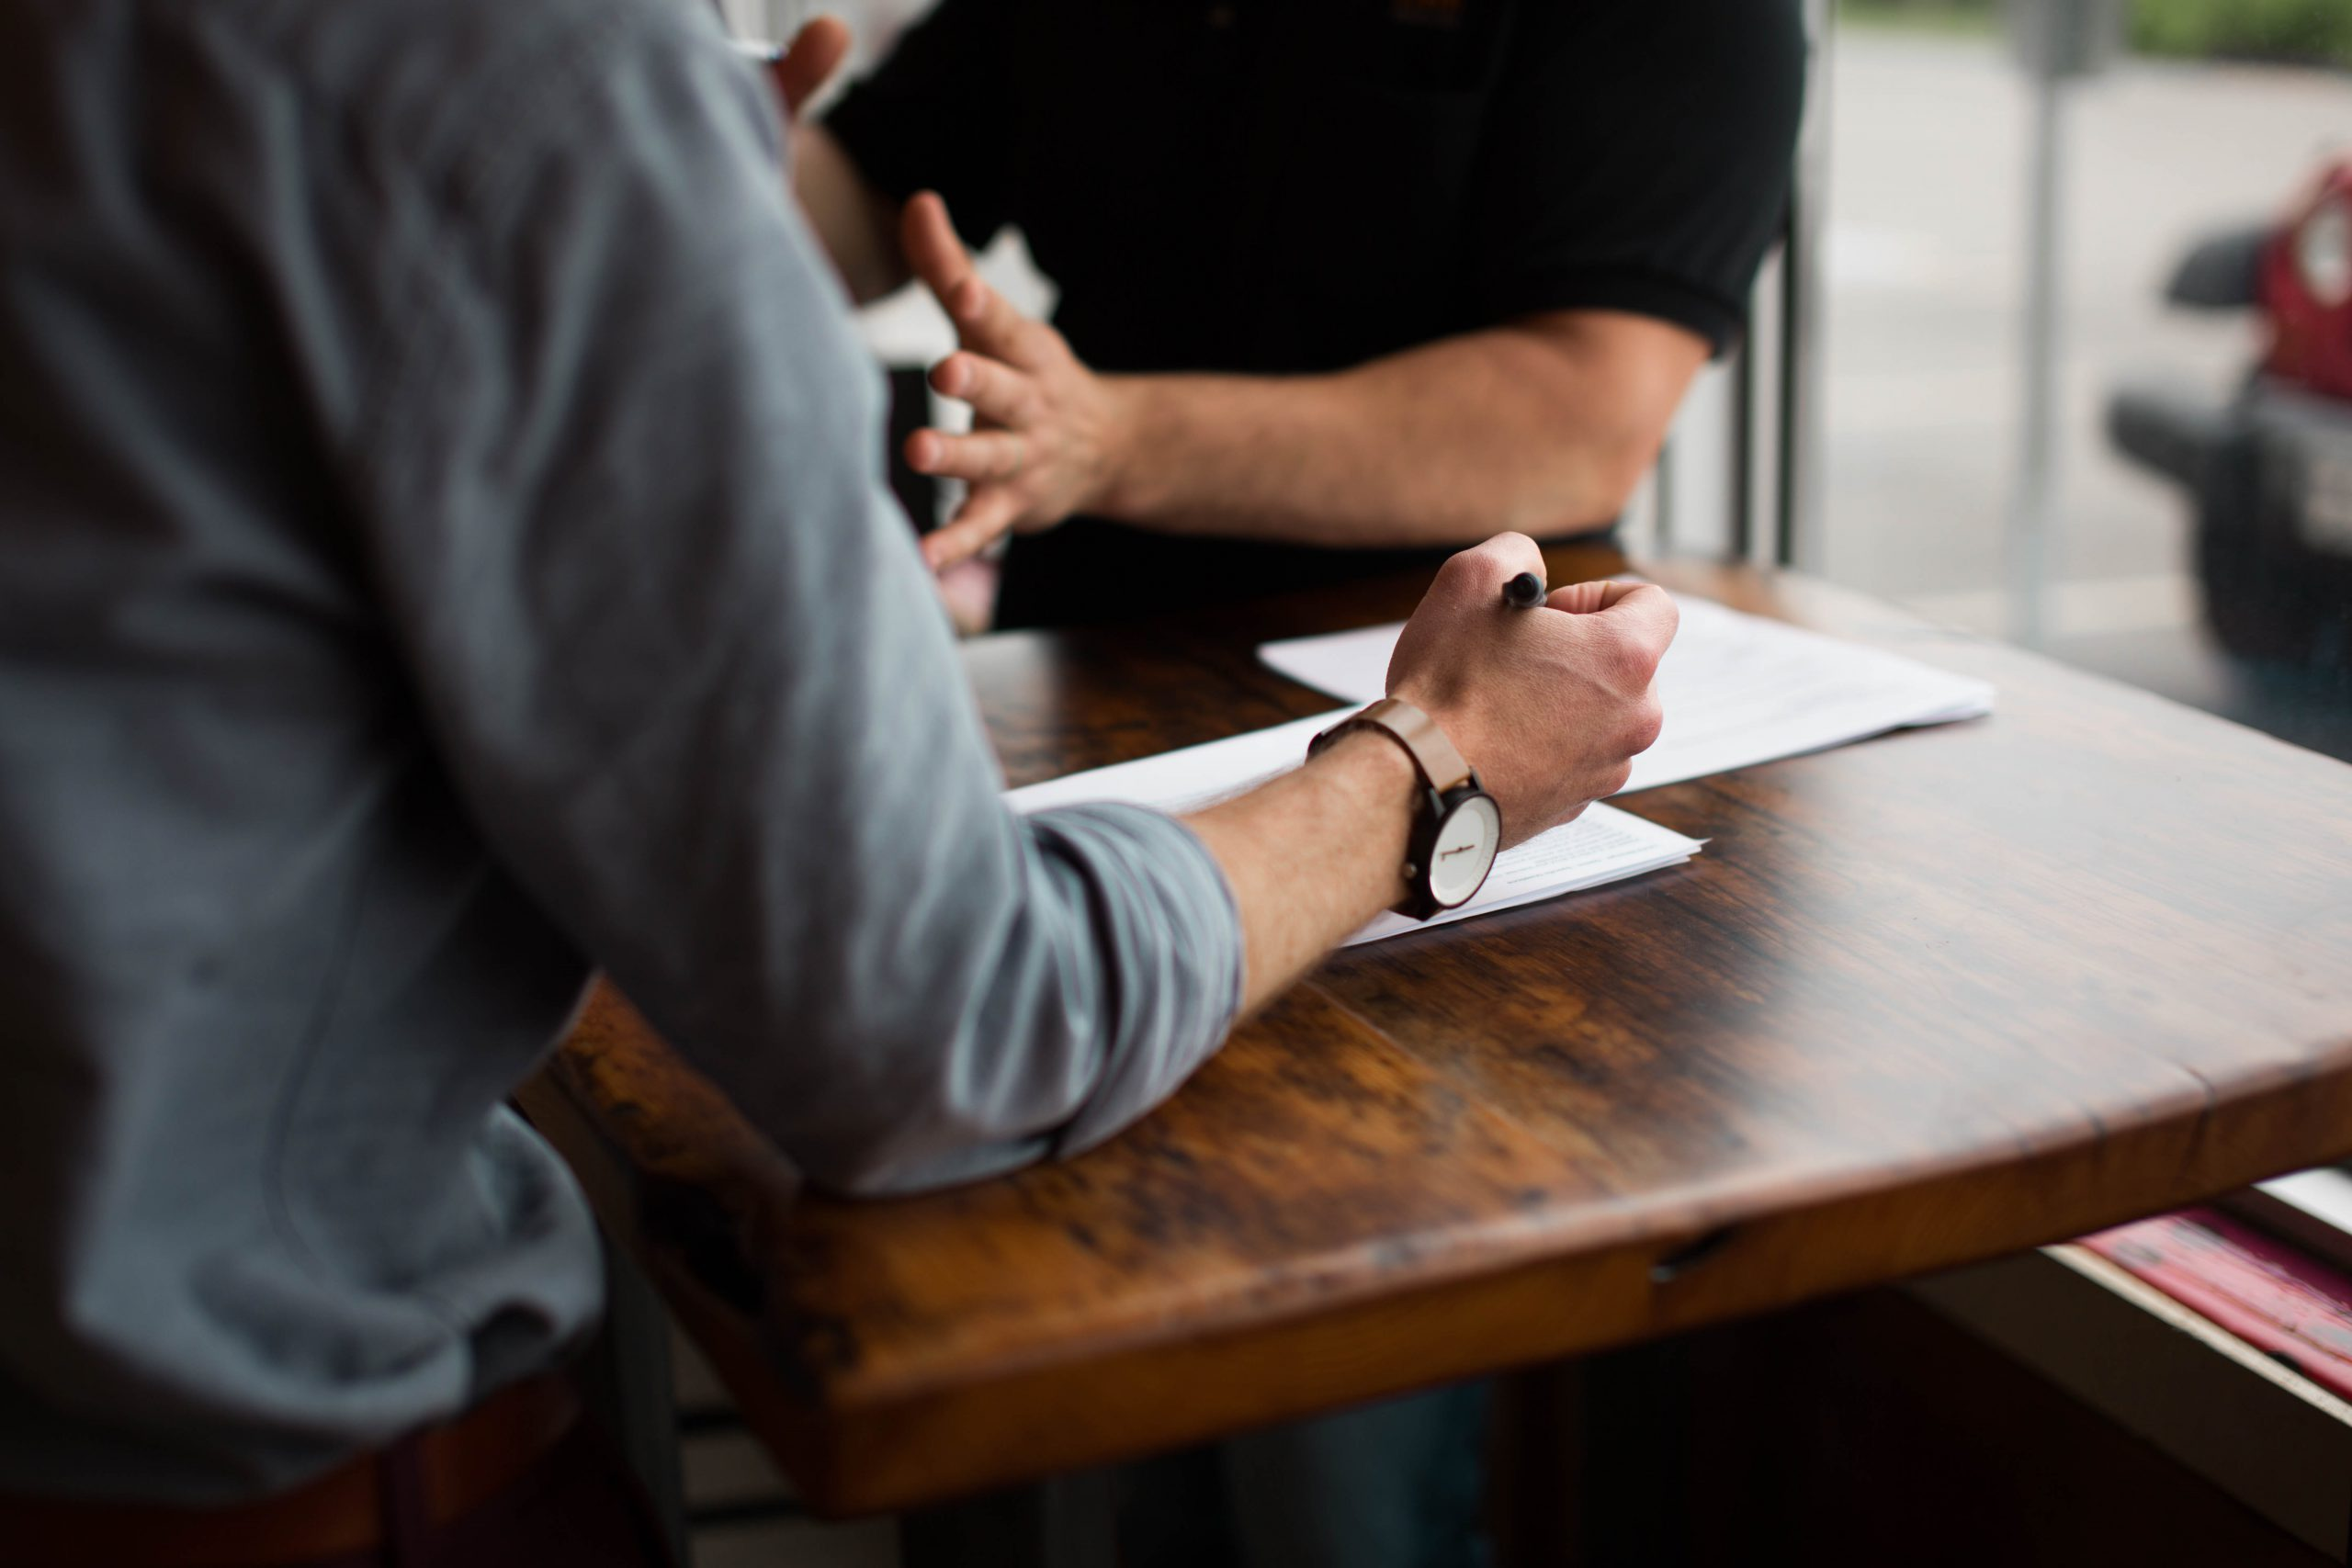 Premiekorting kleine werkgevers blijkt onuitvoerbaar